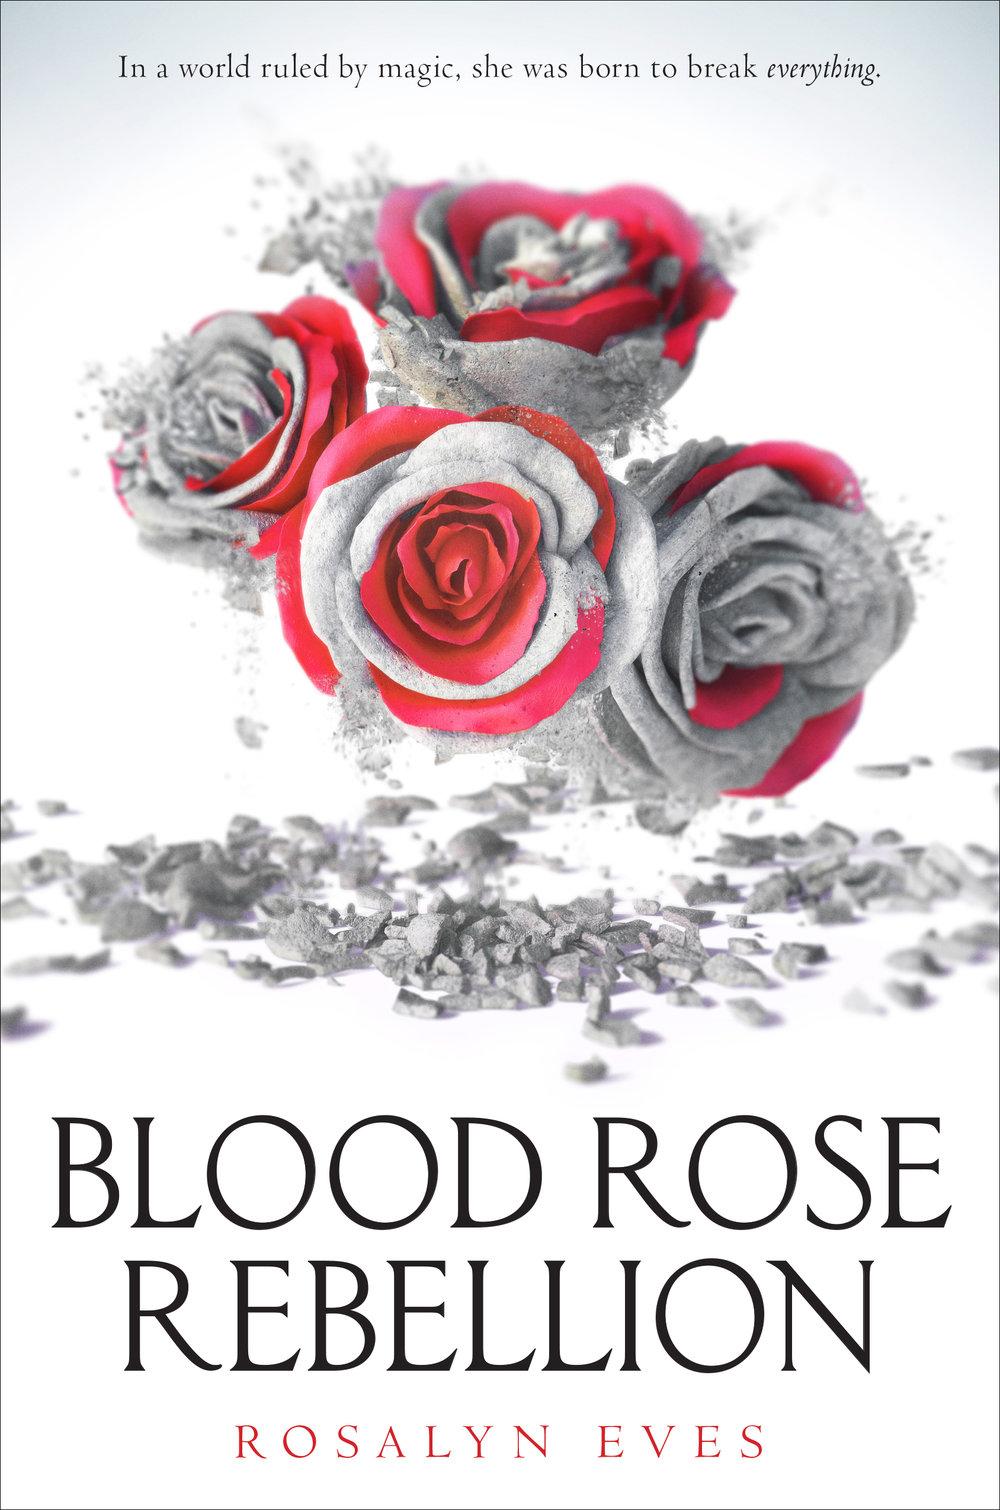 BLOOD+ROSE+REBELLION+R3+V11+091916.jpg